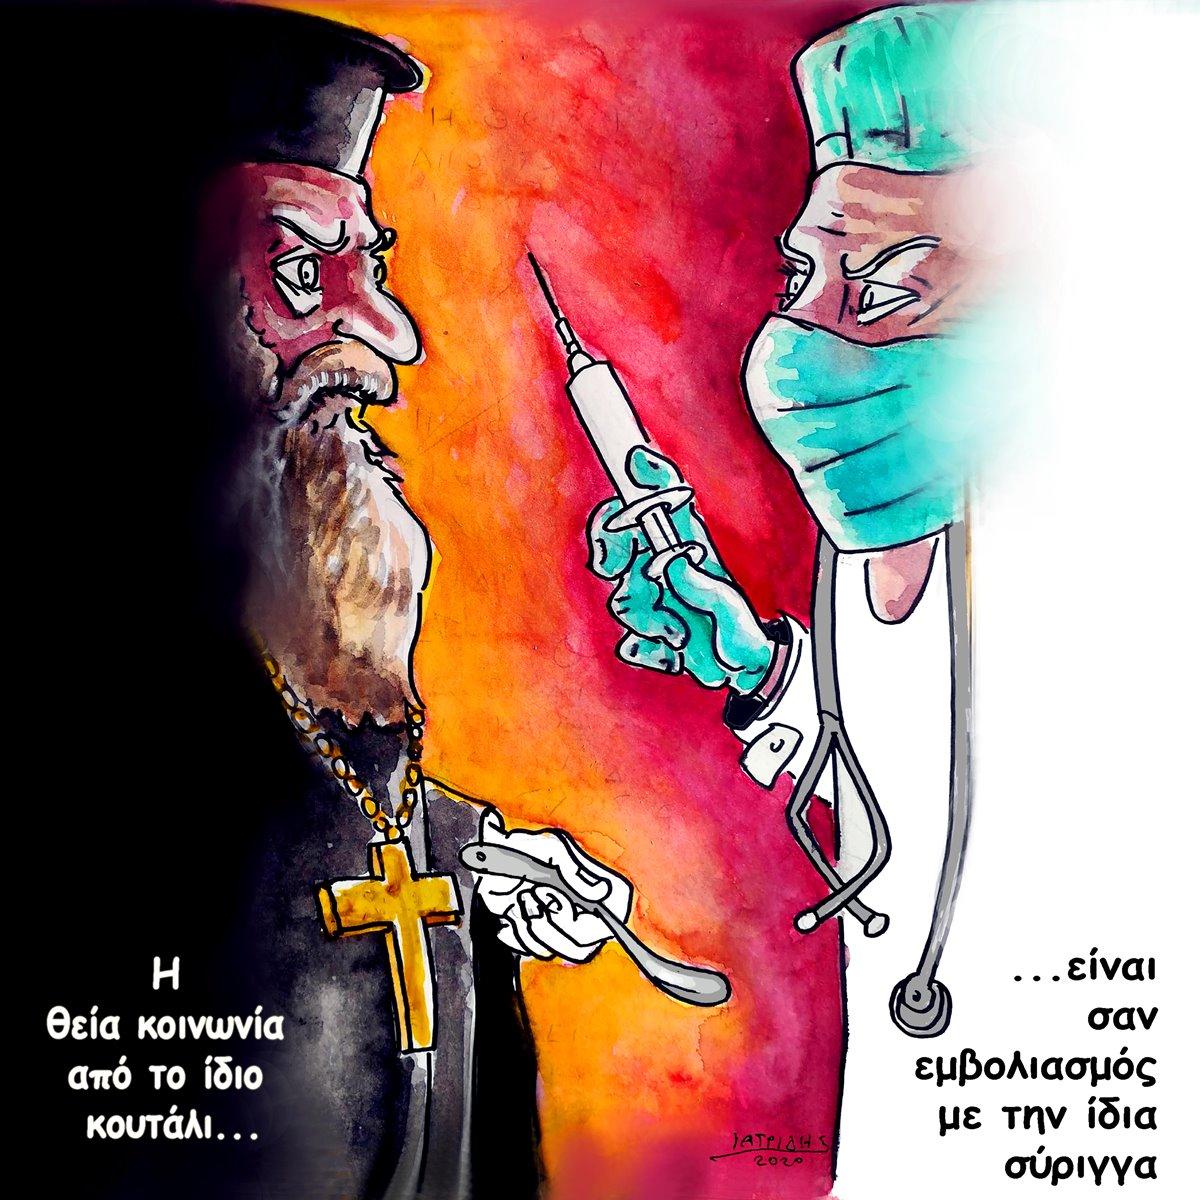 magoi emvolia vaccines hristougenna koronoios christmas covid ekklisia epistimi geloiografia skitso